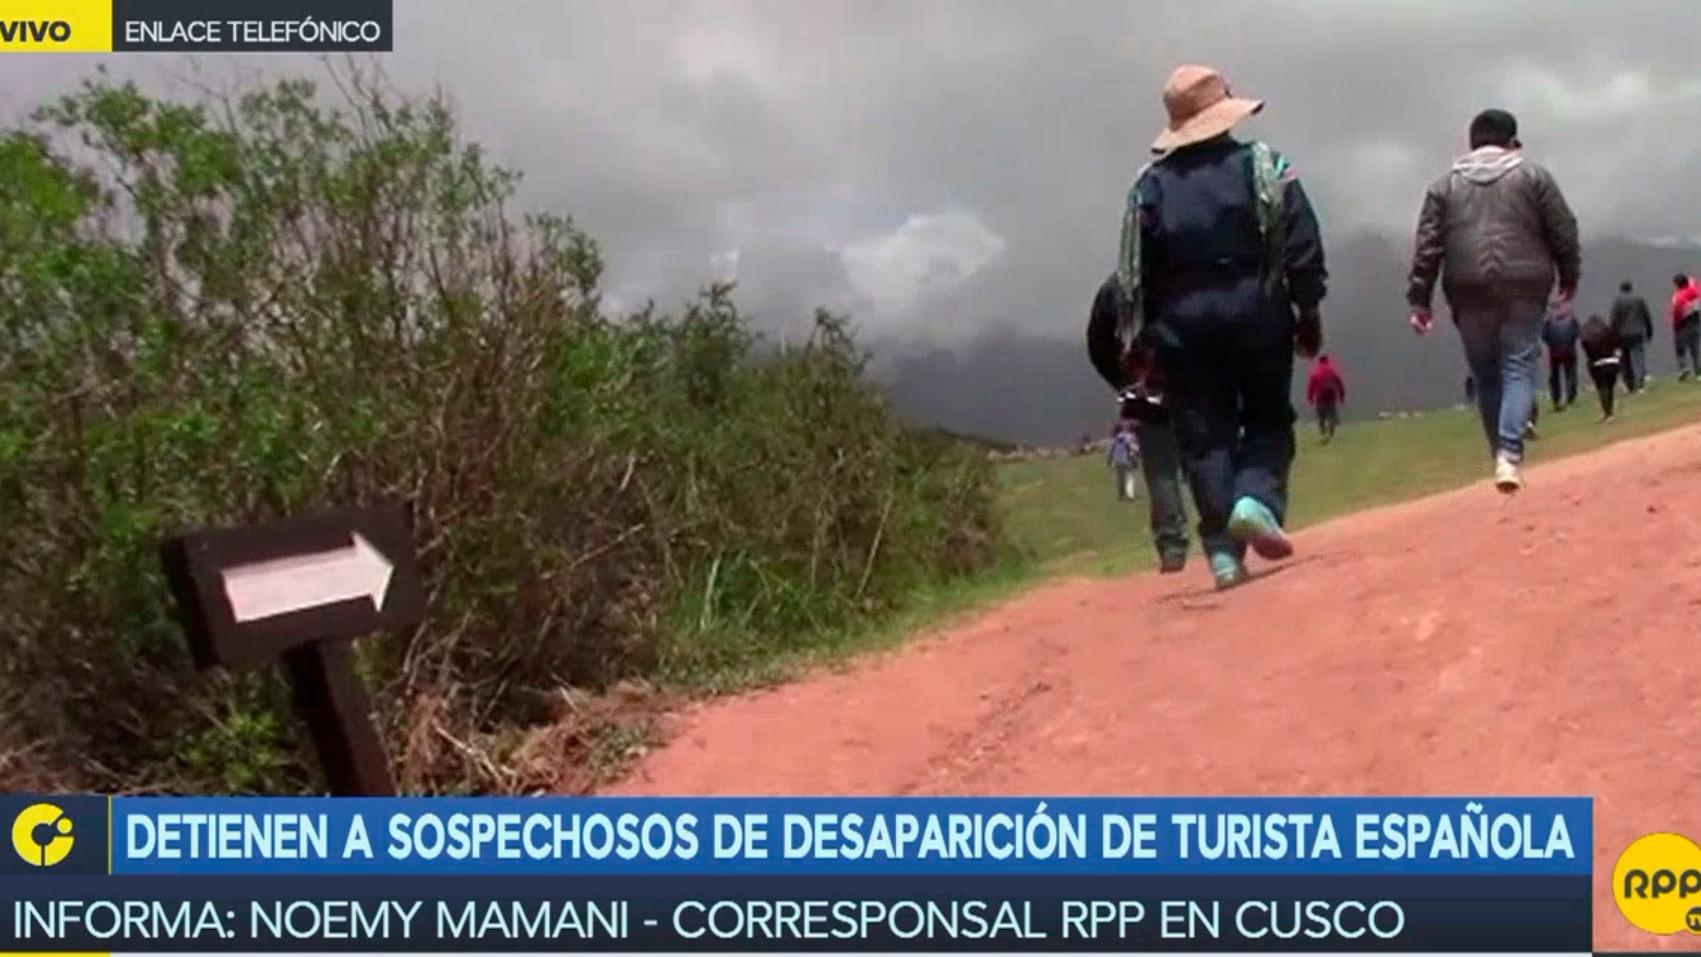 Detienen a sospechosos de desaparición de turista española.